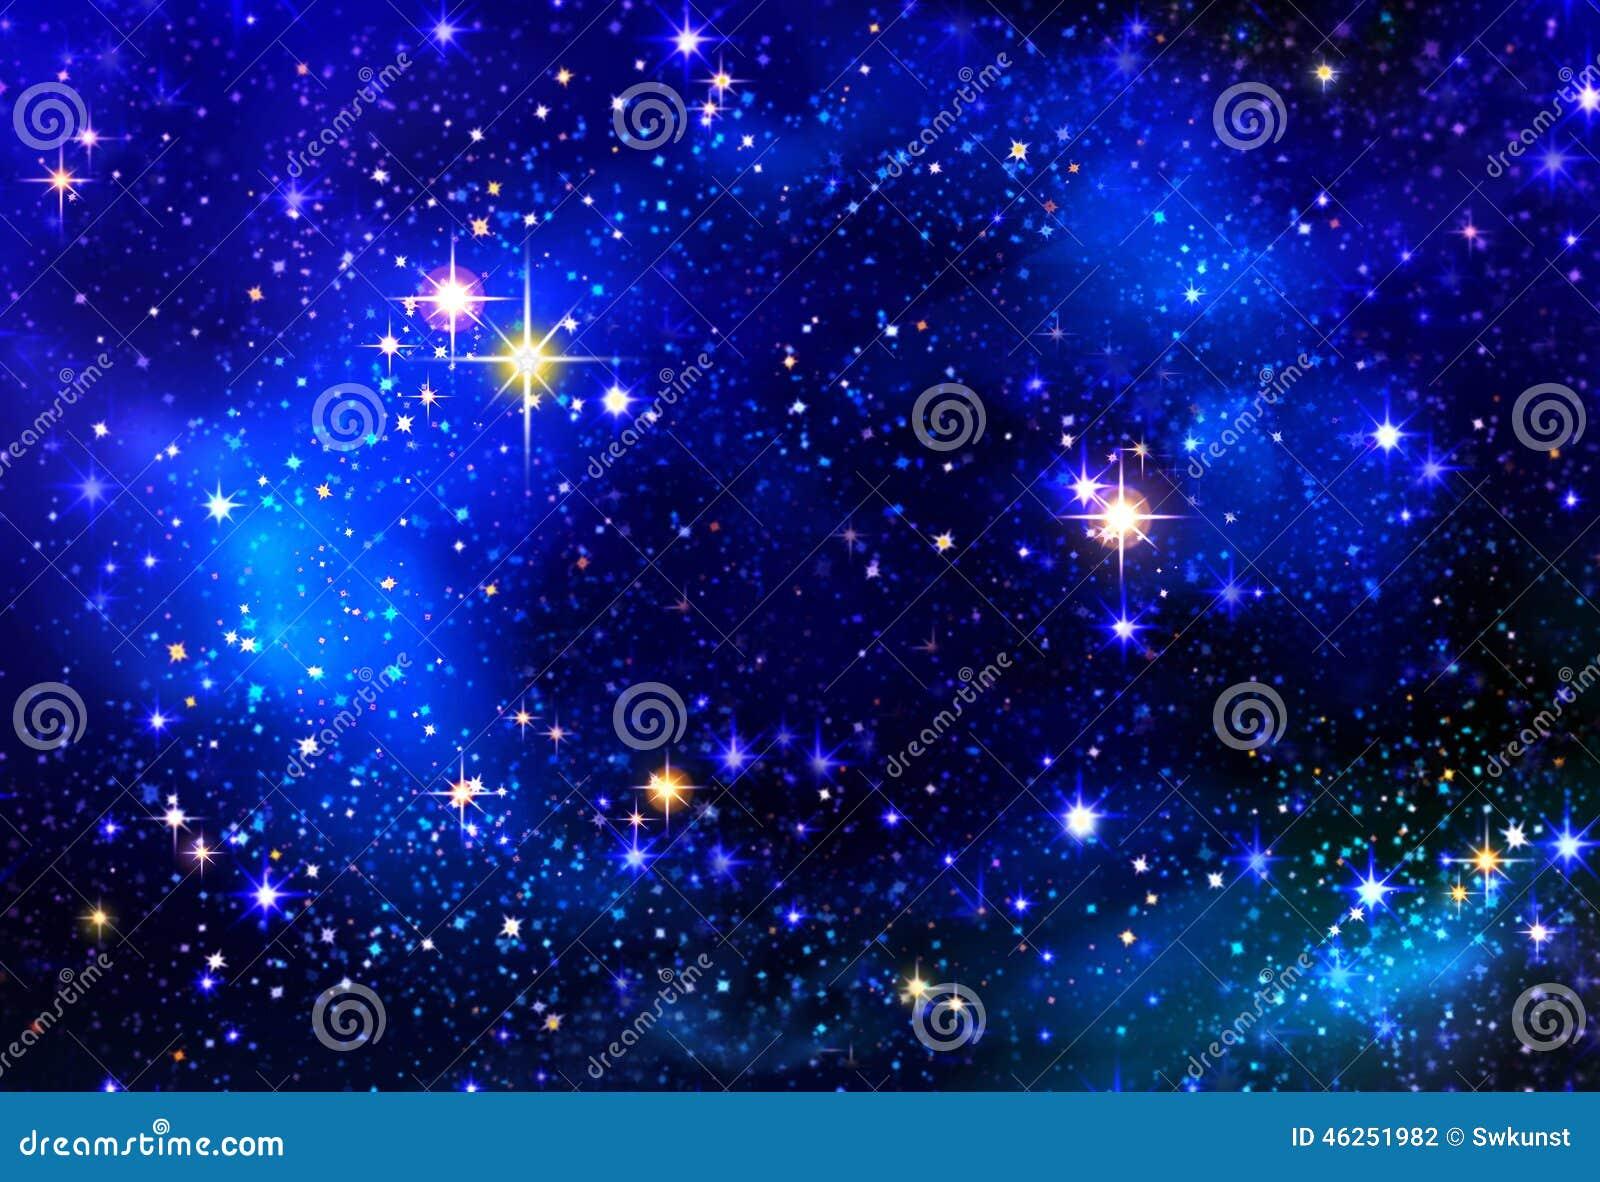 Stella Di Natale Nel Cielo Notturno Illustrazione Di Stock